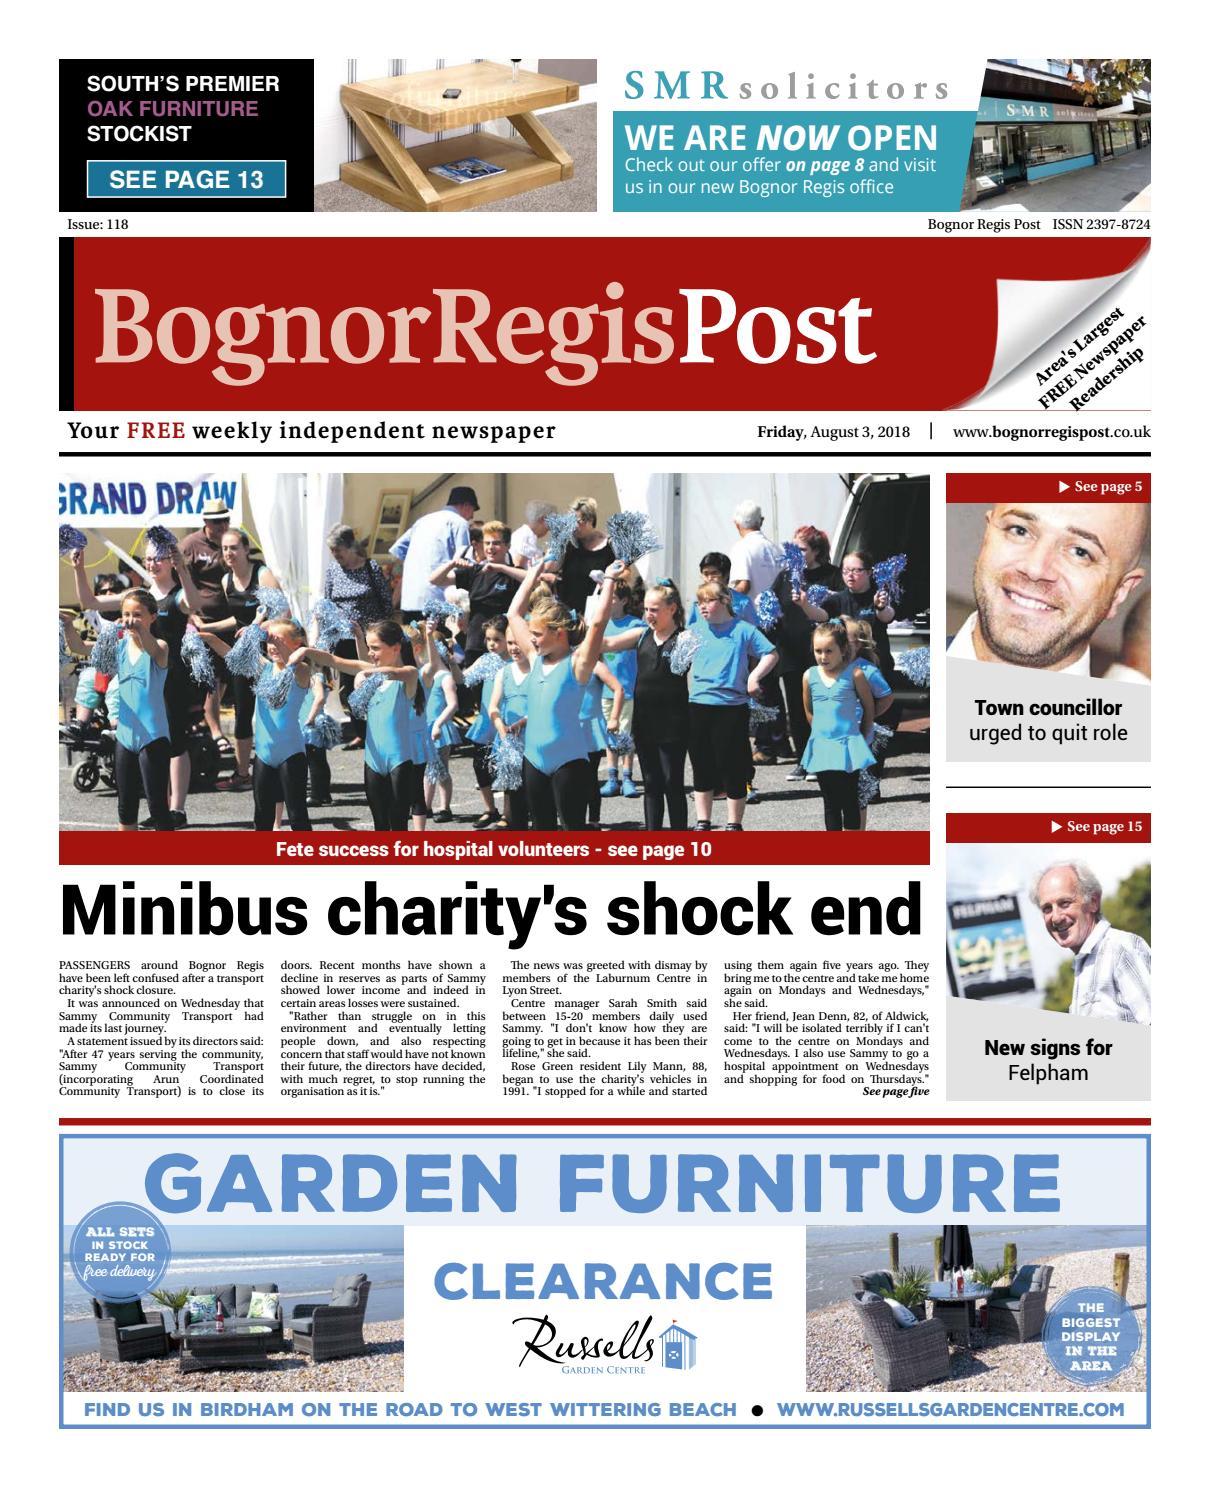 Bognor Regis Post Issue 118